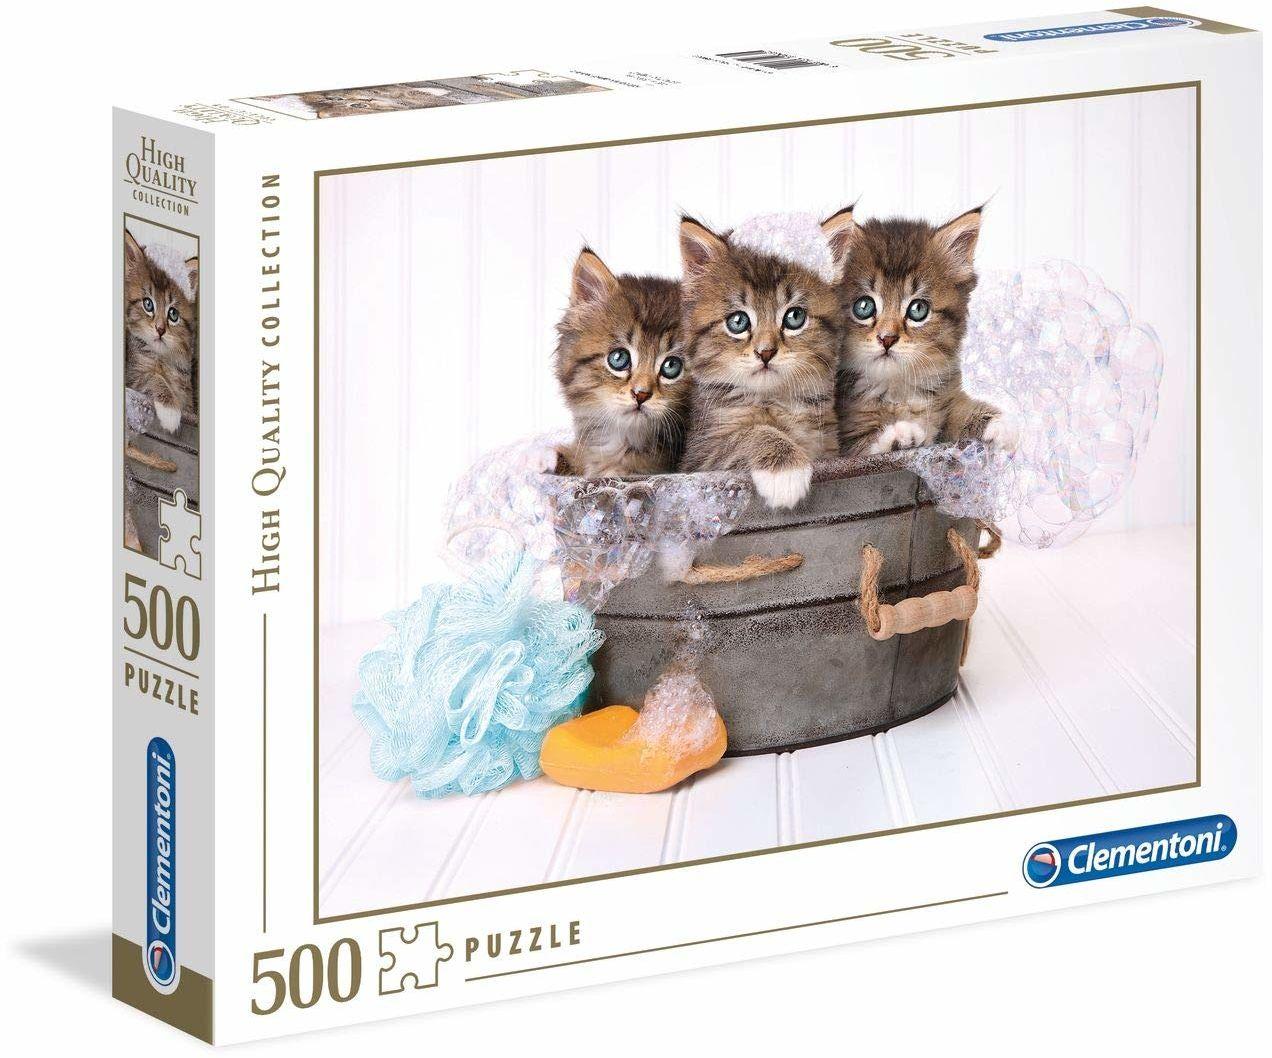 Clementoni 35065 High Quality Puzzle 500 części koty z mydłem, wielokolorowe